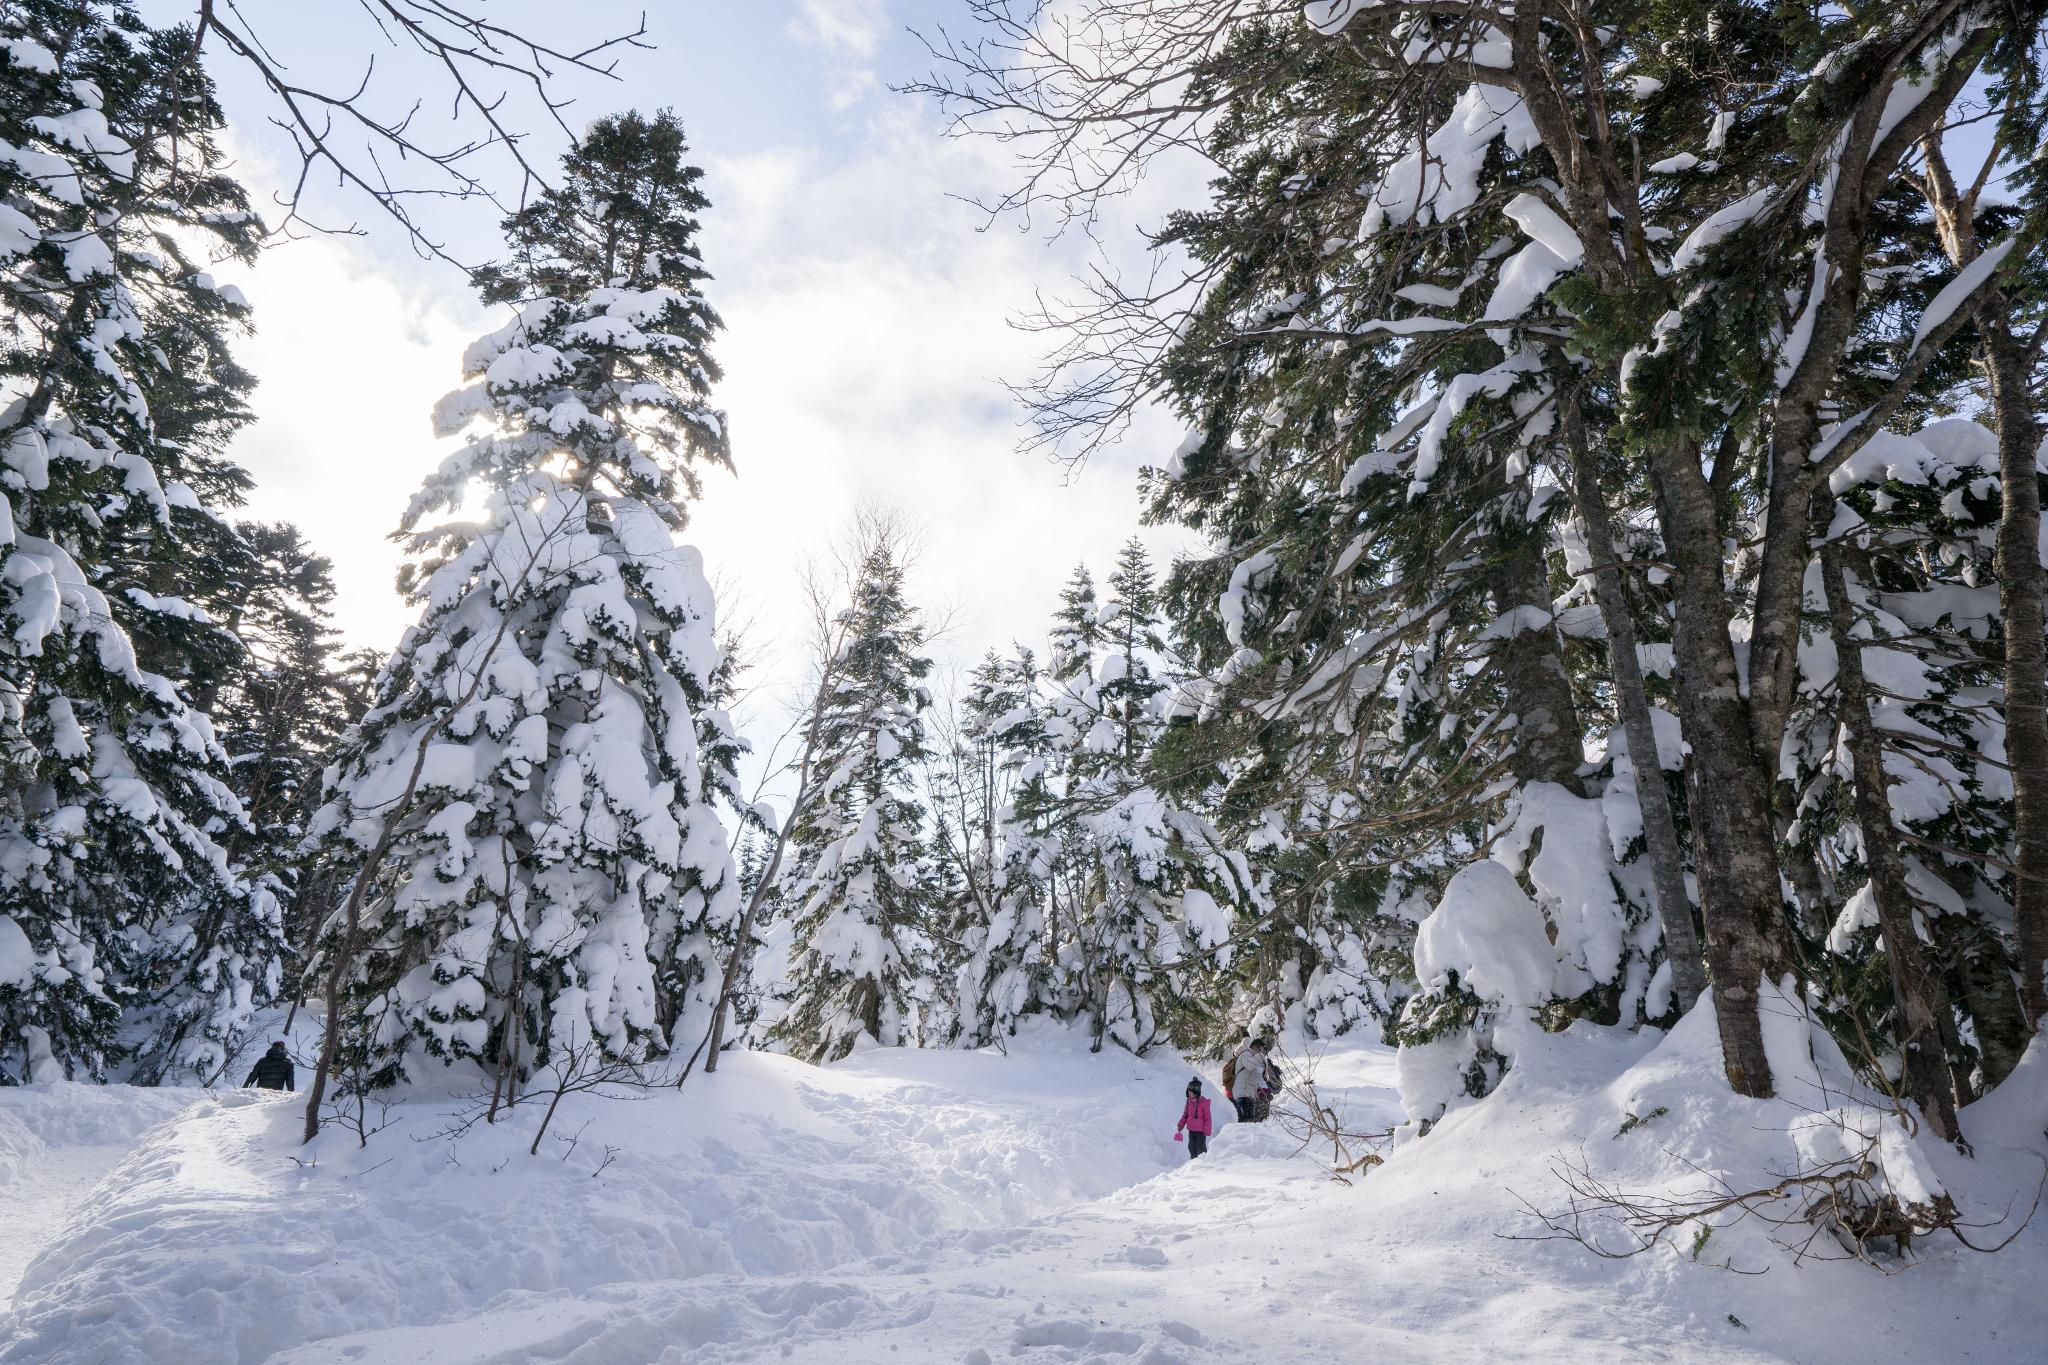 【岐阜】超級推薦!奧飛驒溫泉鄉的冬季戀歌 ~ 新穗高纜車雪景攻略 120